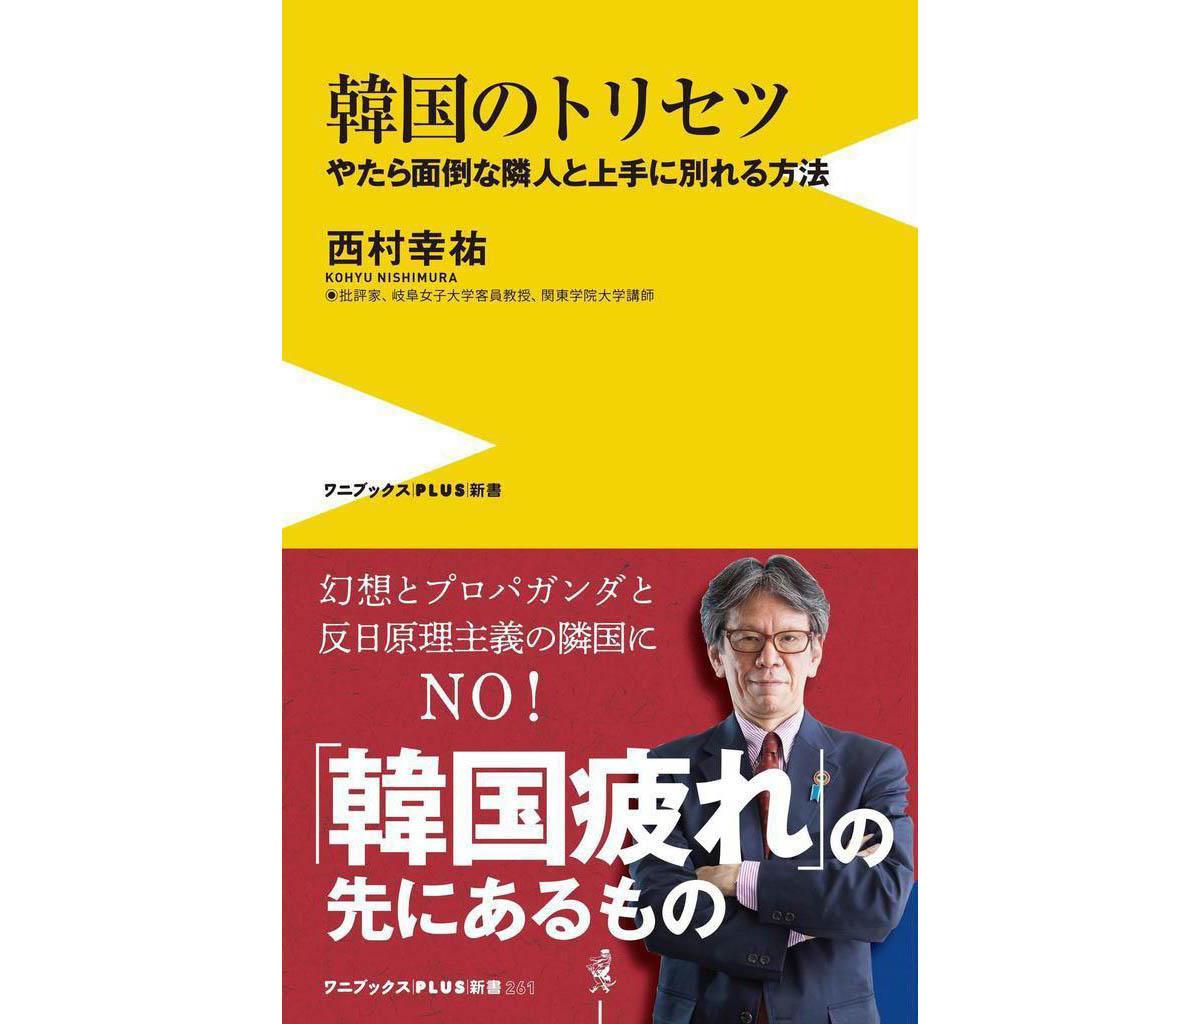 『韓国のトリセツ やたら面倒な隣人と上手に別れる方法』西村幸祐著